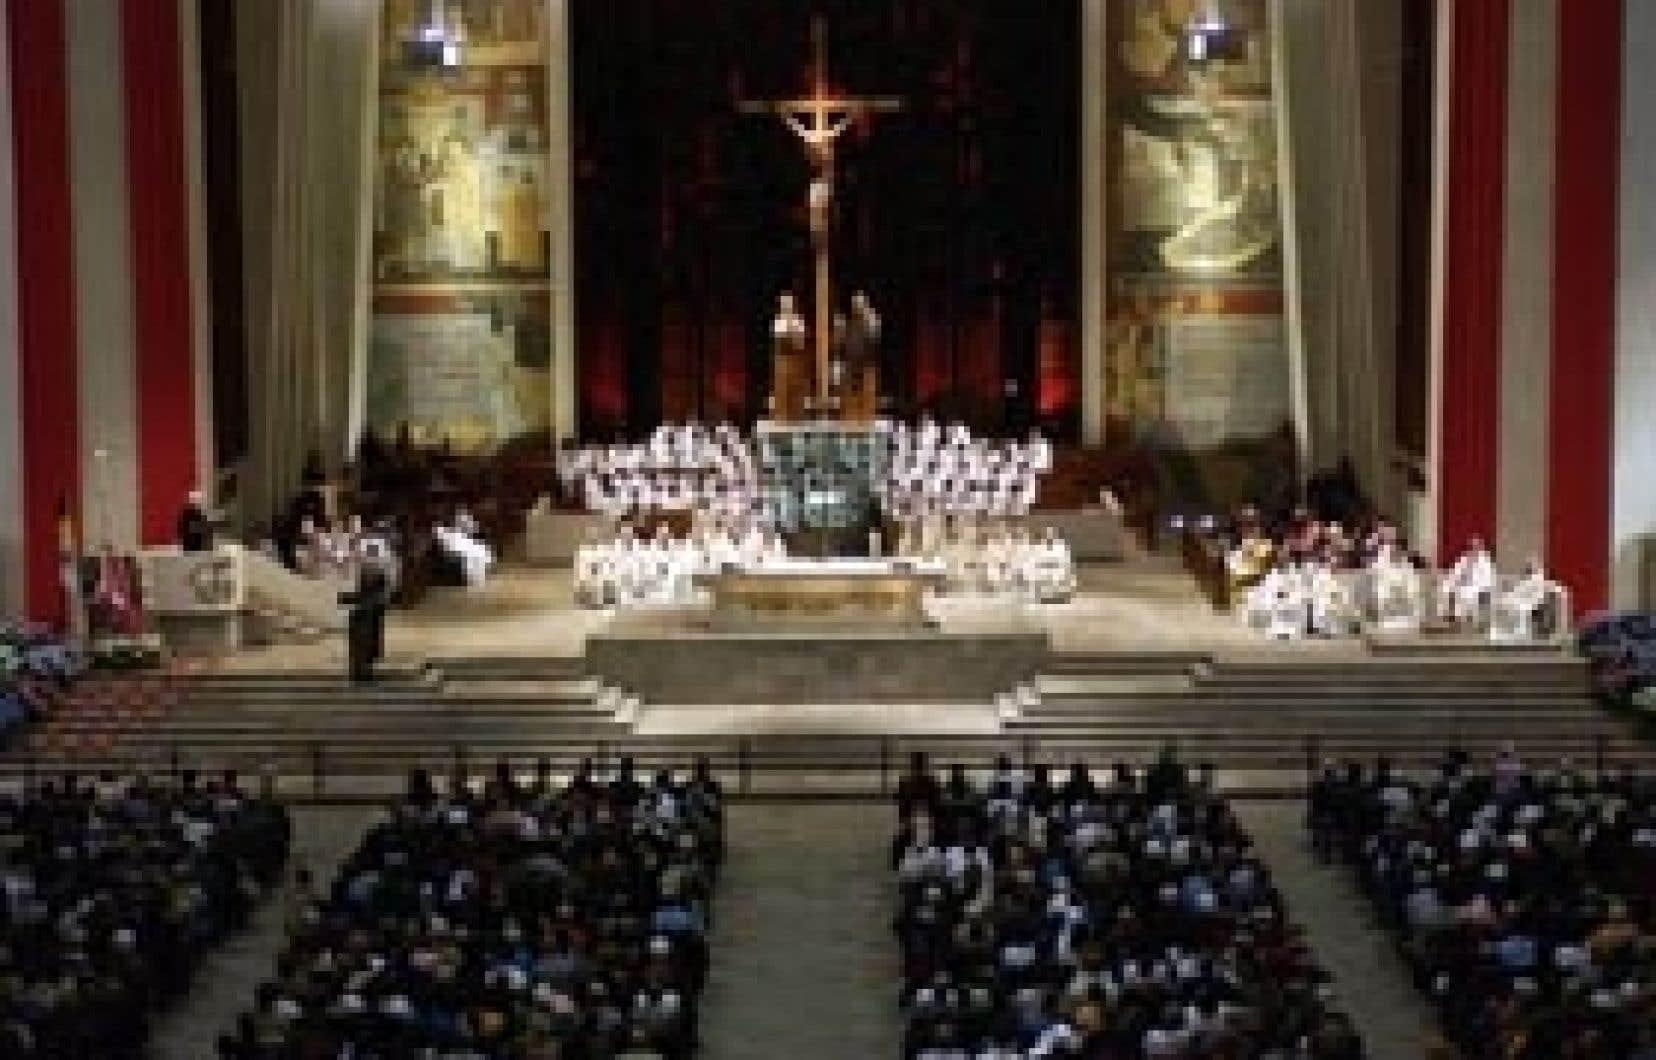 À l'oratoire Saint-Joseph, situé en pleine métropole, les pèlerins et les touristes religieux sont originaires d'un peu partout dans le monde.